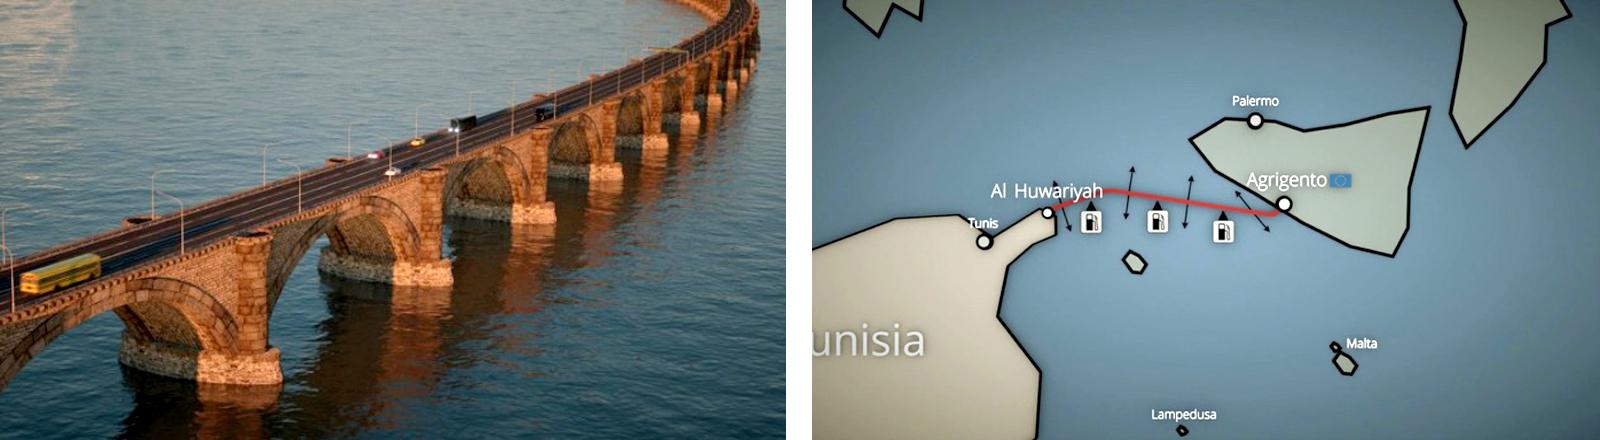 Das Zentrum für politische Schönheit spielt mit Utopien. Hier eine Brücke zwischen Europa und Nordafrika